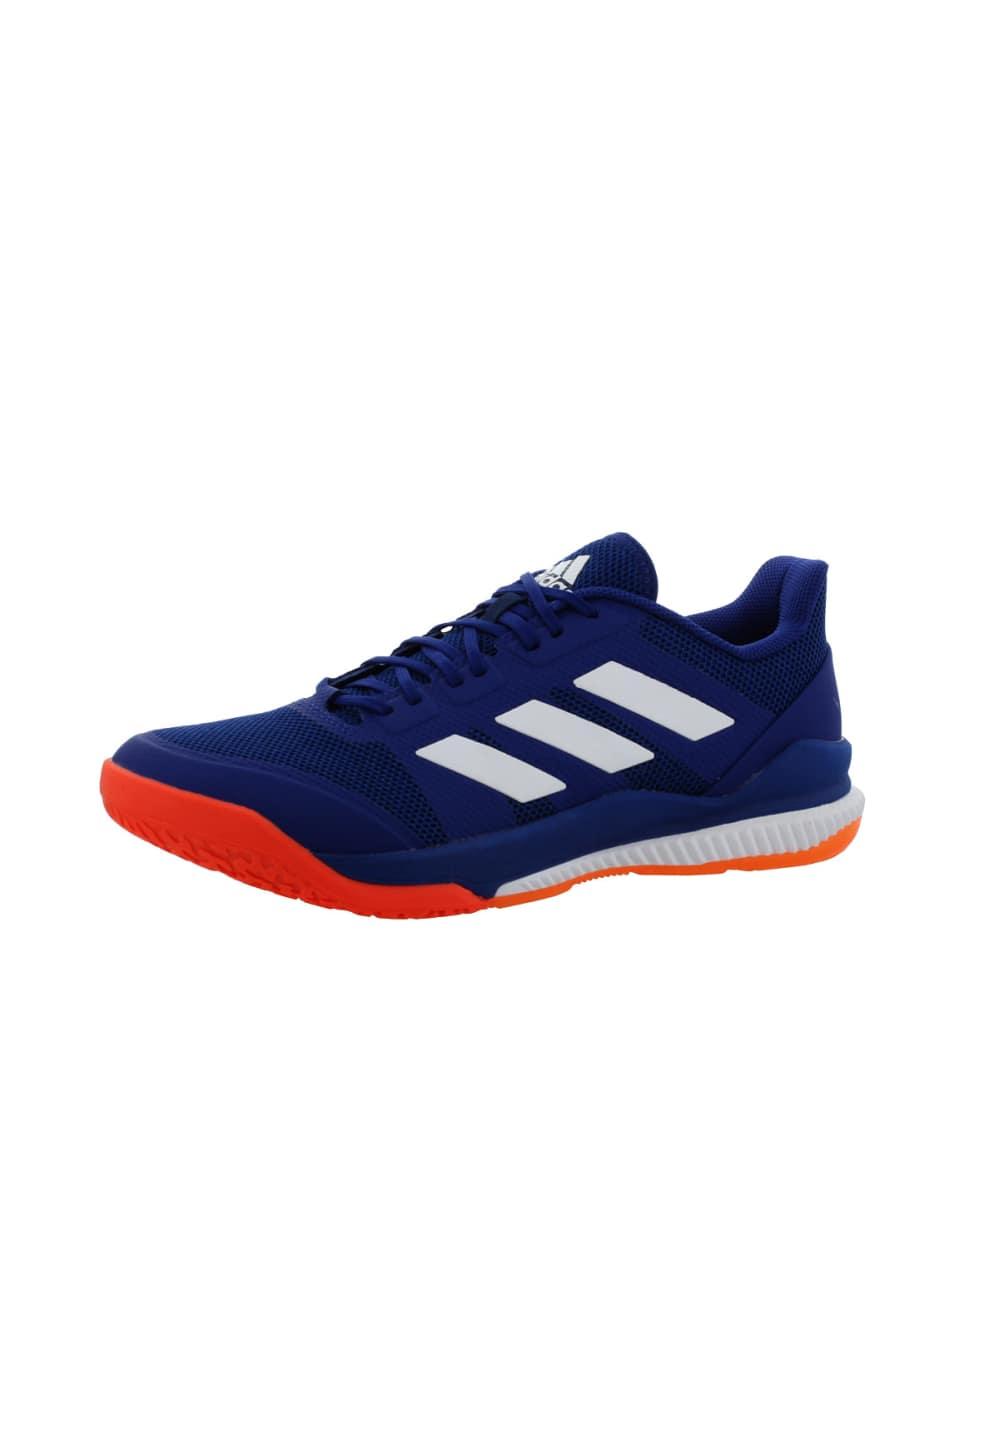 adidas Stabil Bounce Chaussures handball pour Homme Bleu